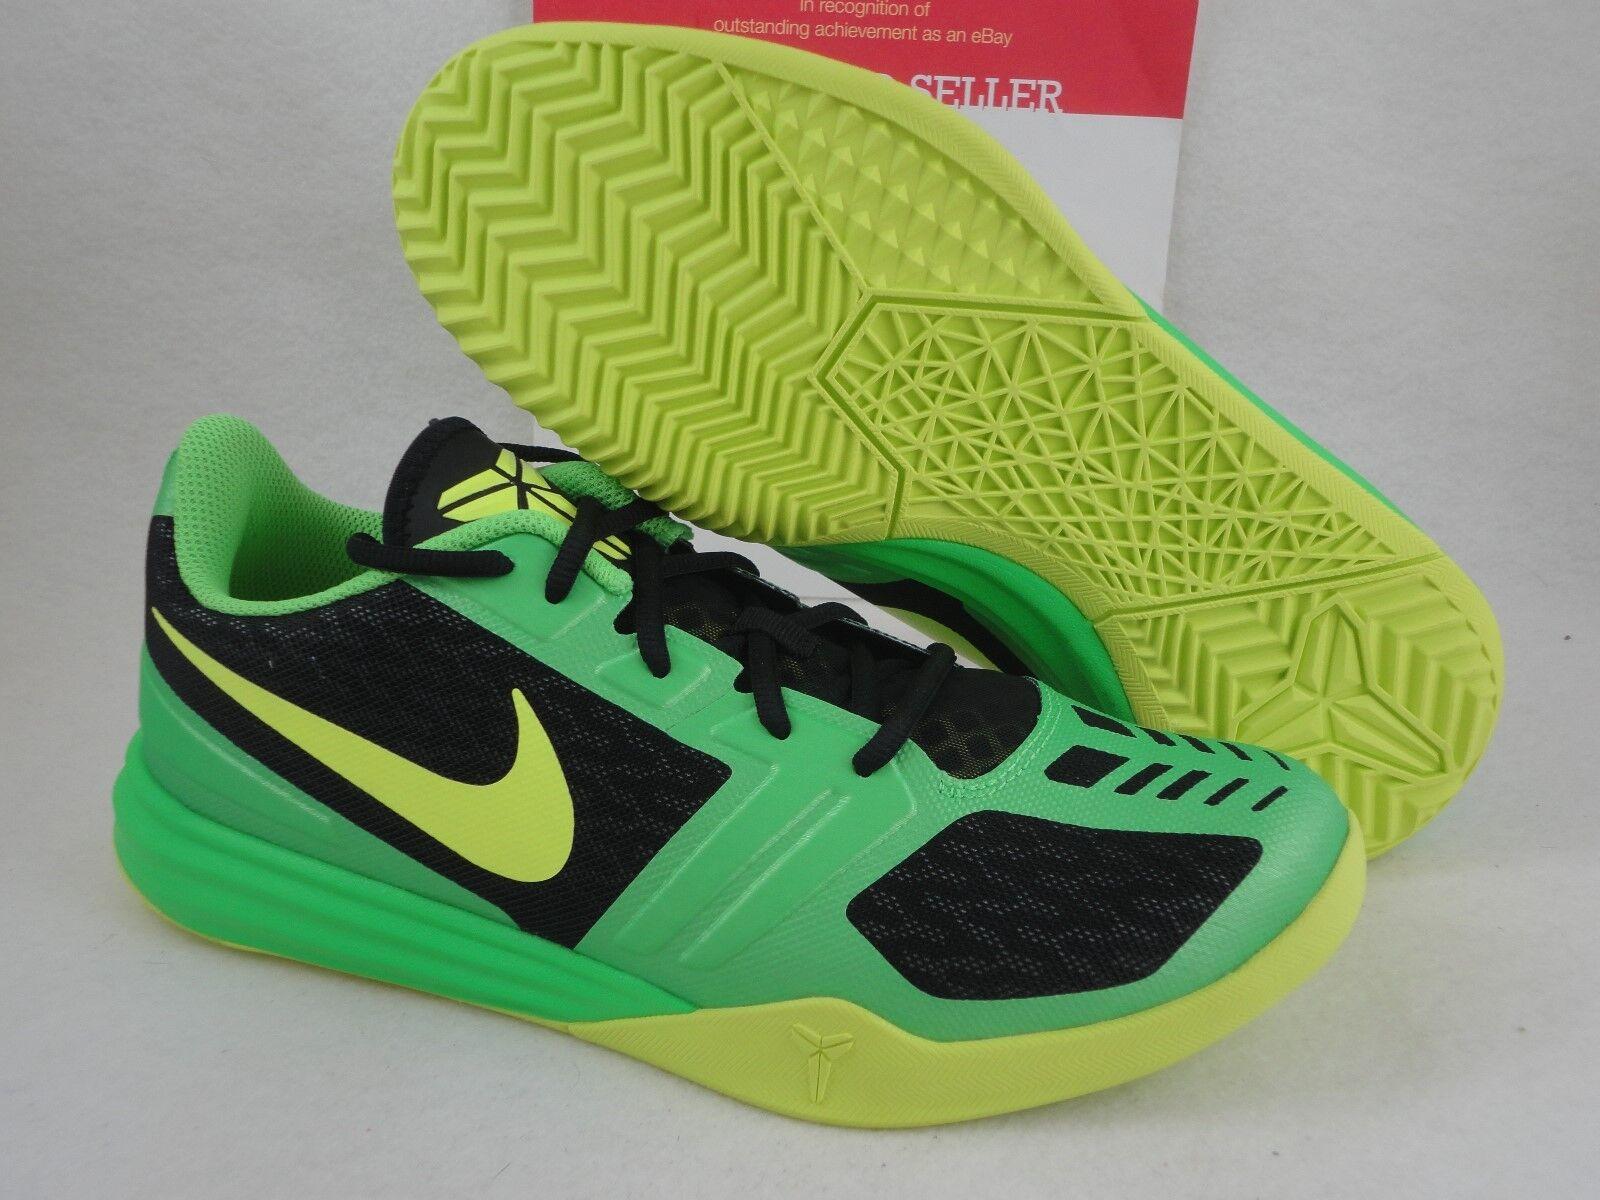 Nike kb Uomotalit, nero / volt / veleno 001 green, kobe bryant, 704942 001 veleno sz 11 72f9bd